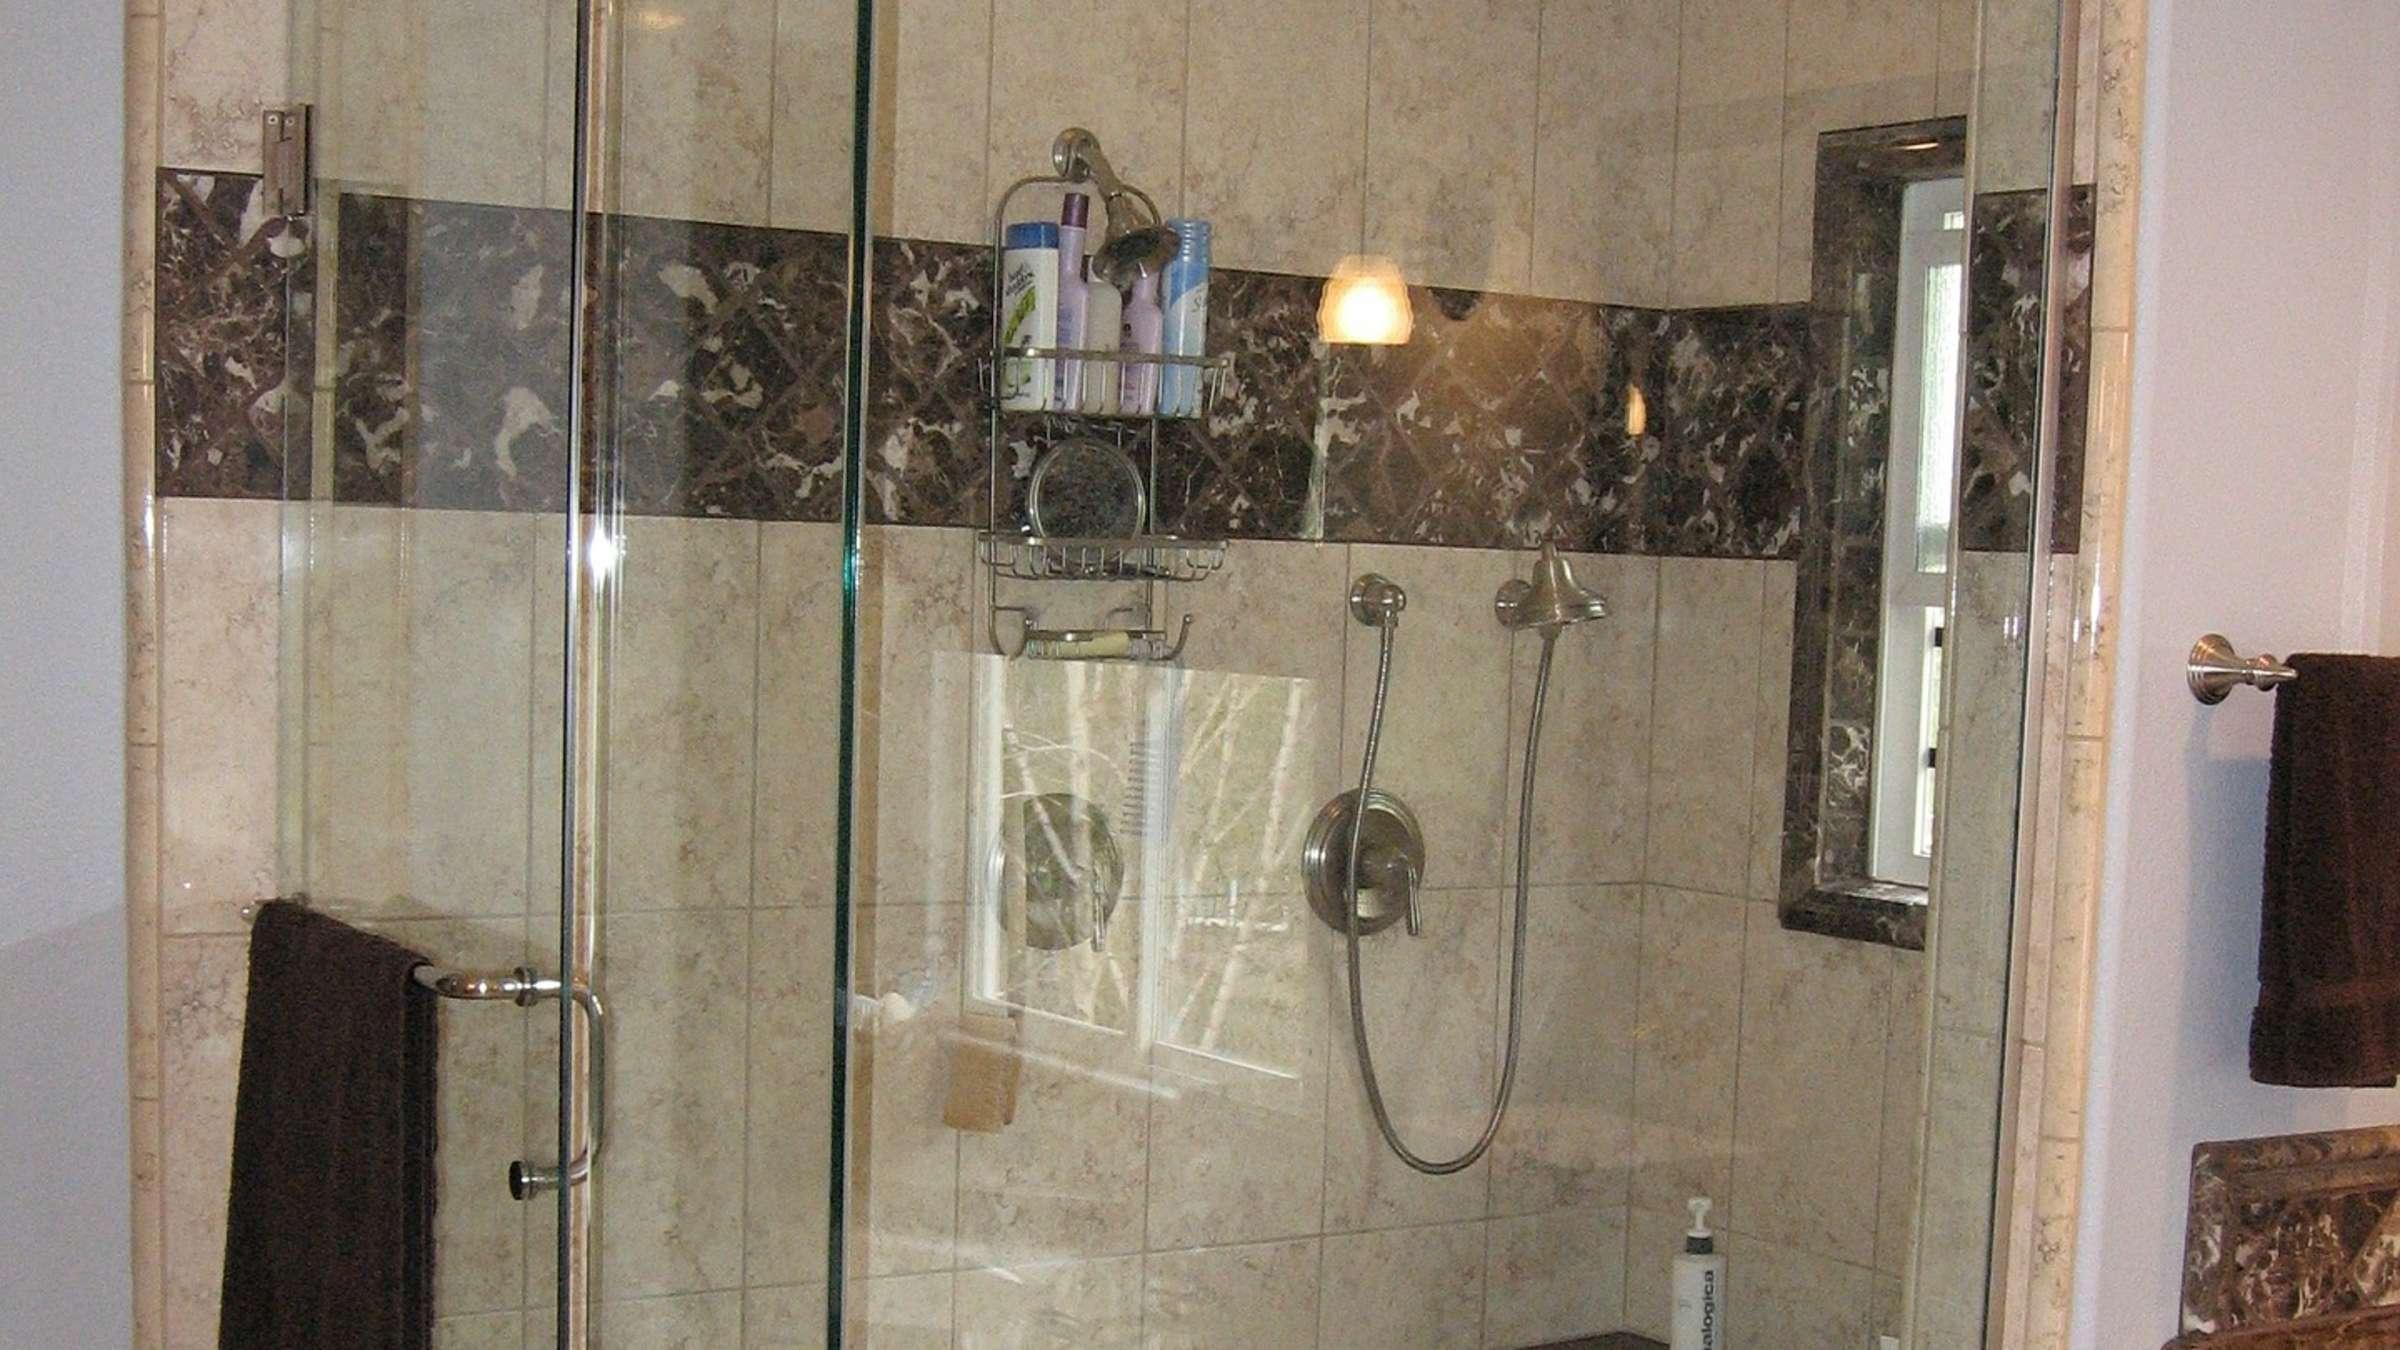 Full Size of Dusche 80x80 Glastrennwand Glasabtrennung Bodengleiche Badewanne Mit Nischentür Begehbare Duschen Kleine Bäder Glaswand Pendeltür Hüppe Wand Breuer Kaufen Dusche Glasabtrennung Dusche